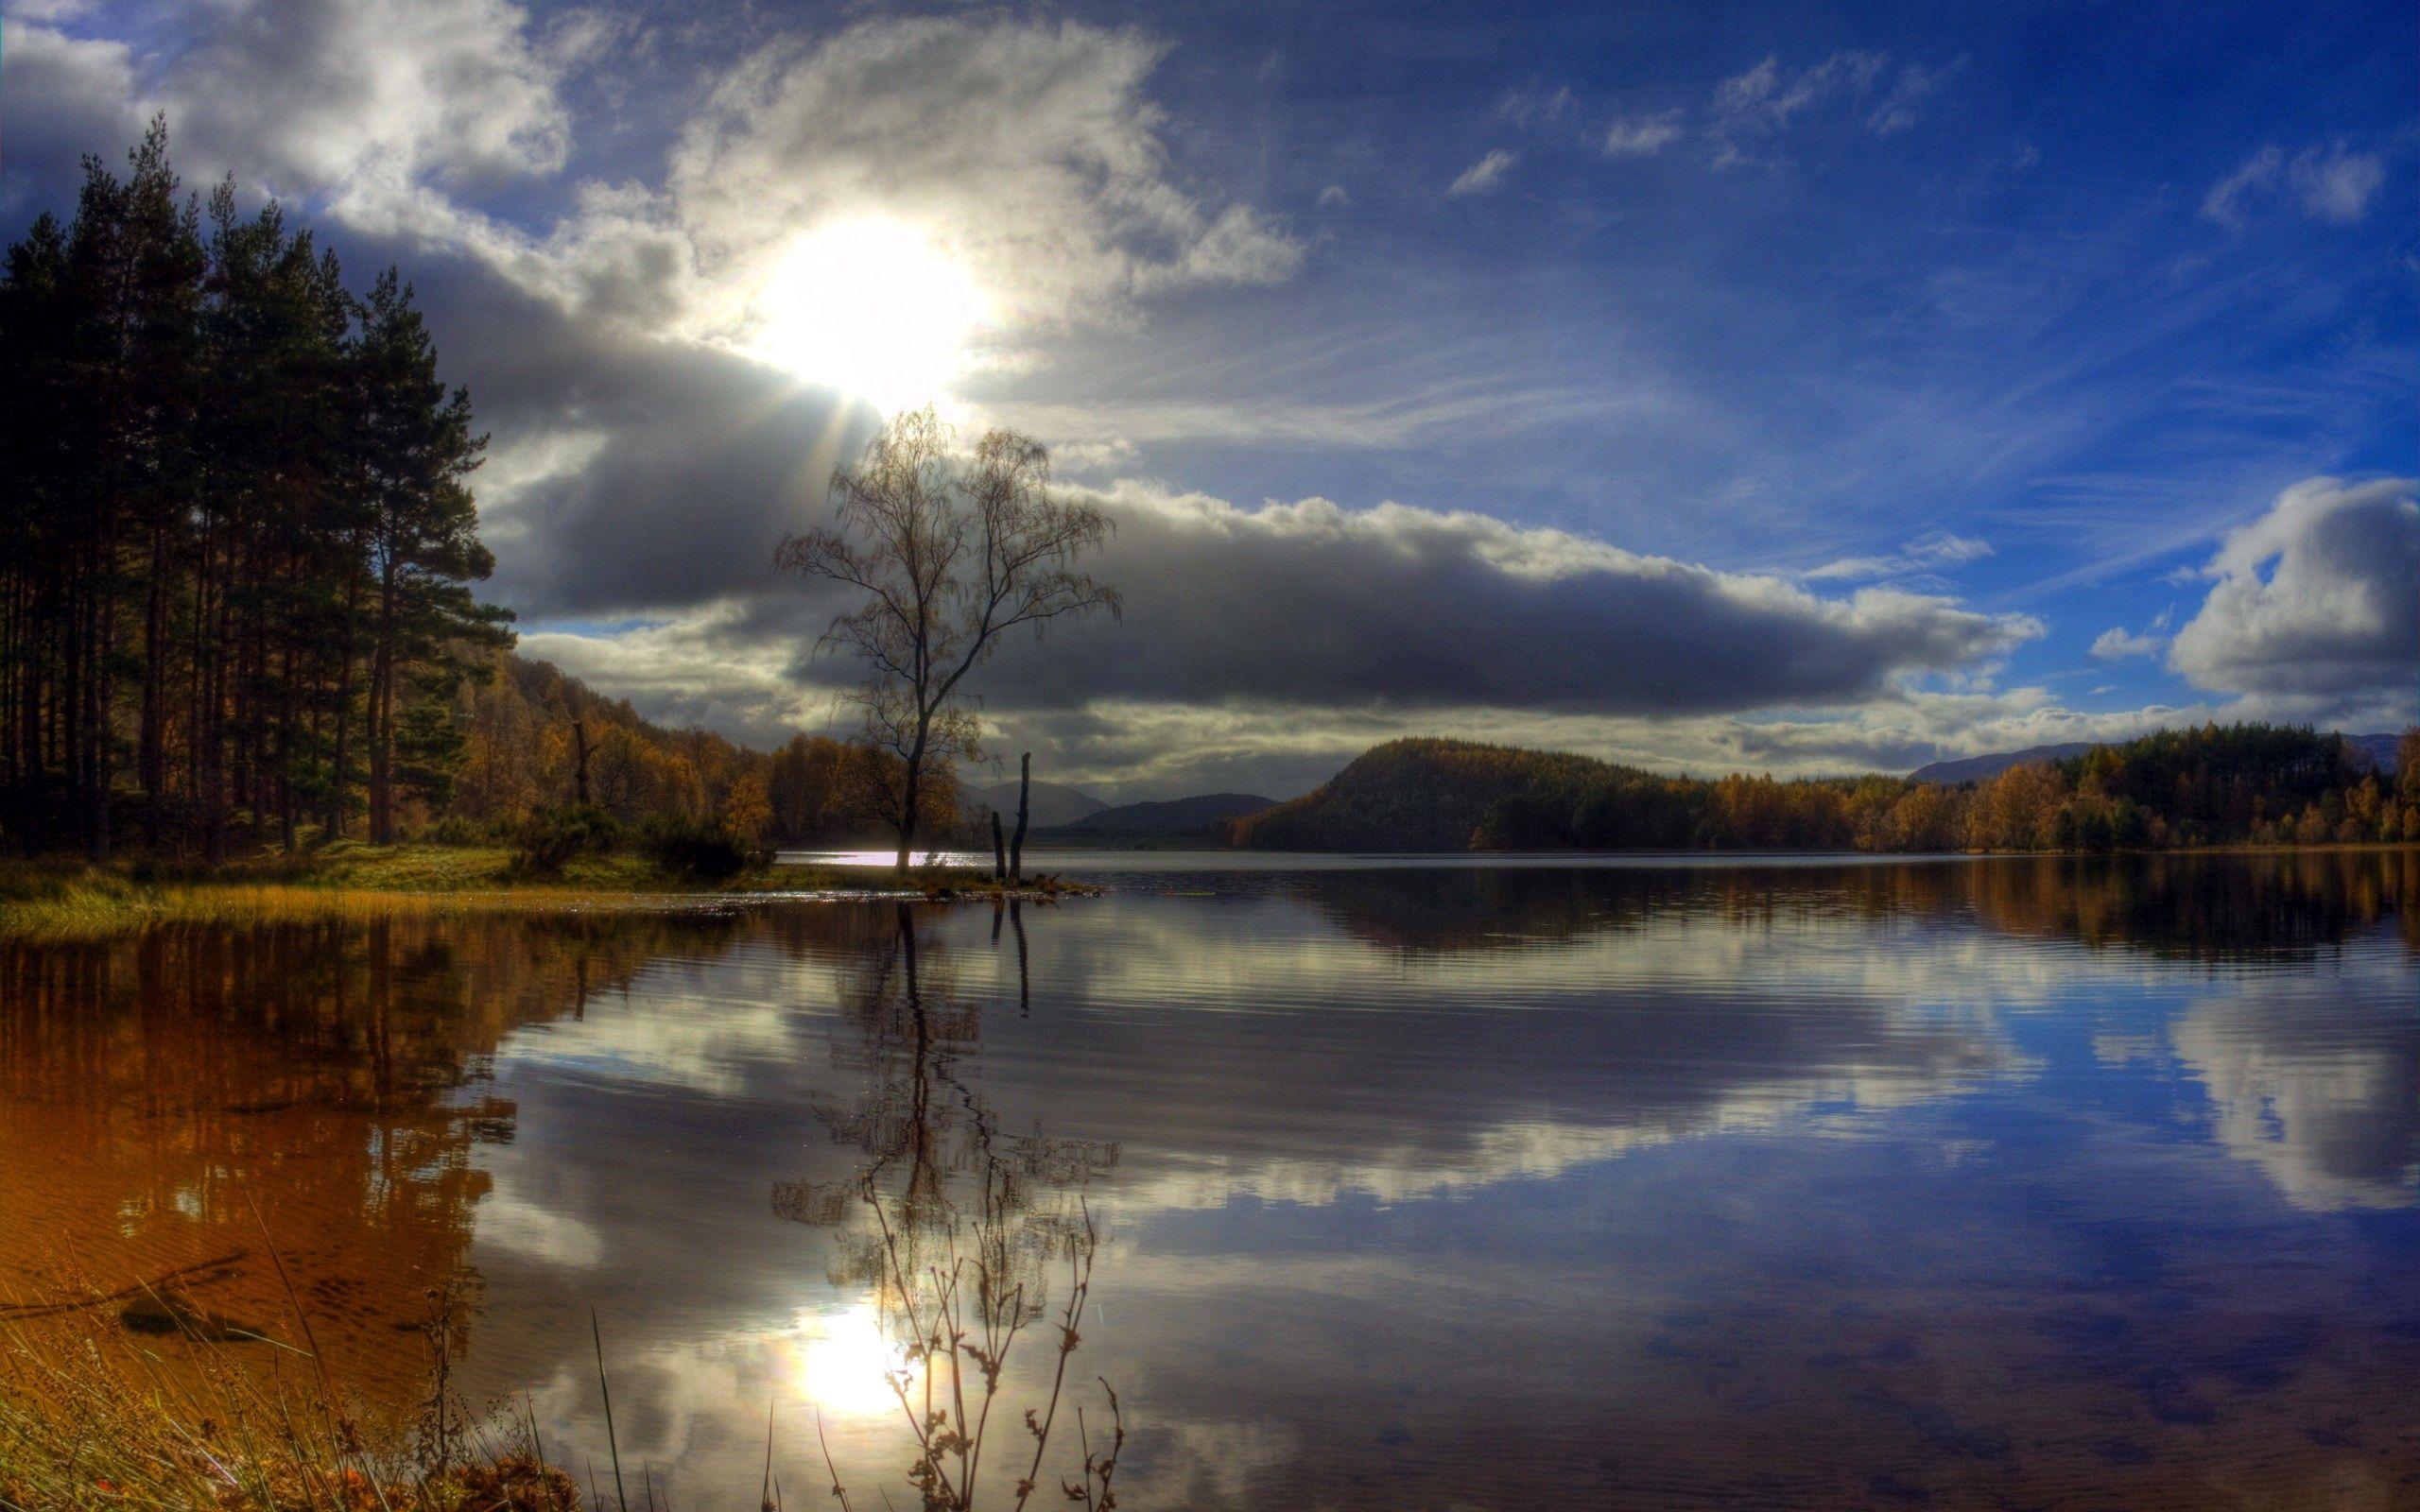 129519壁紙のダウンロード自然, 川, イブニング, 夕方, 木-スクリーンセーバーと写真を無料で